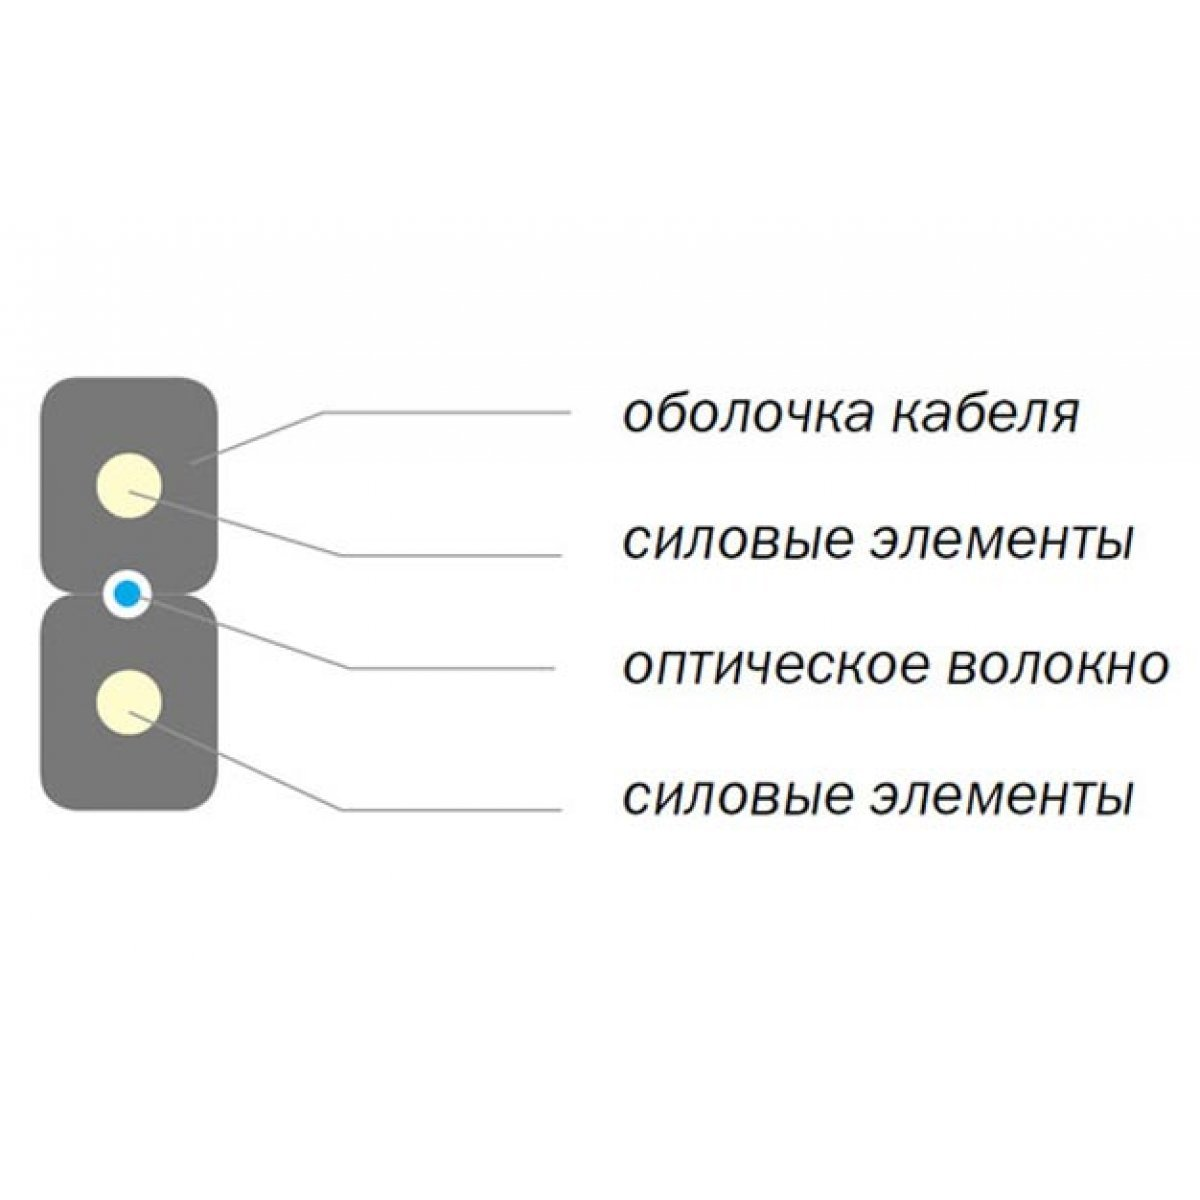 Кабель оптический абонентский ОК-СМС-Л нг(А)-HF 1XG657A2 ССД белый